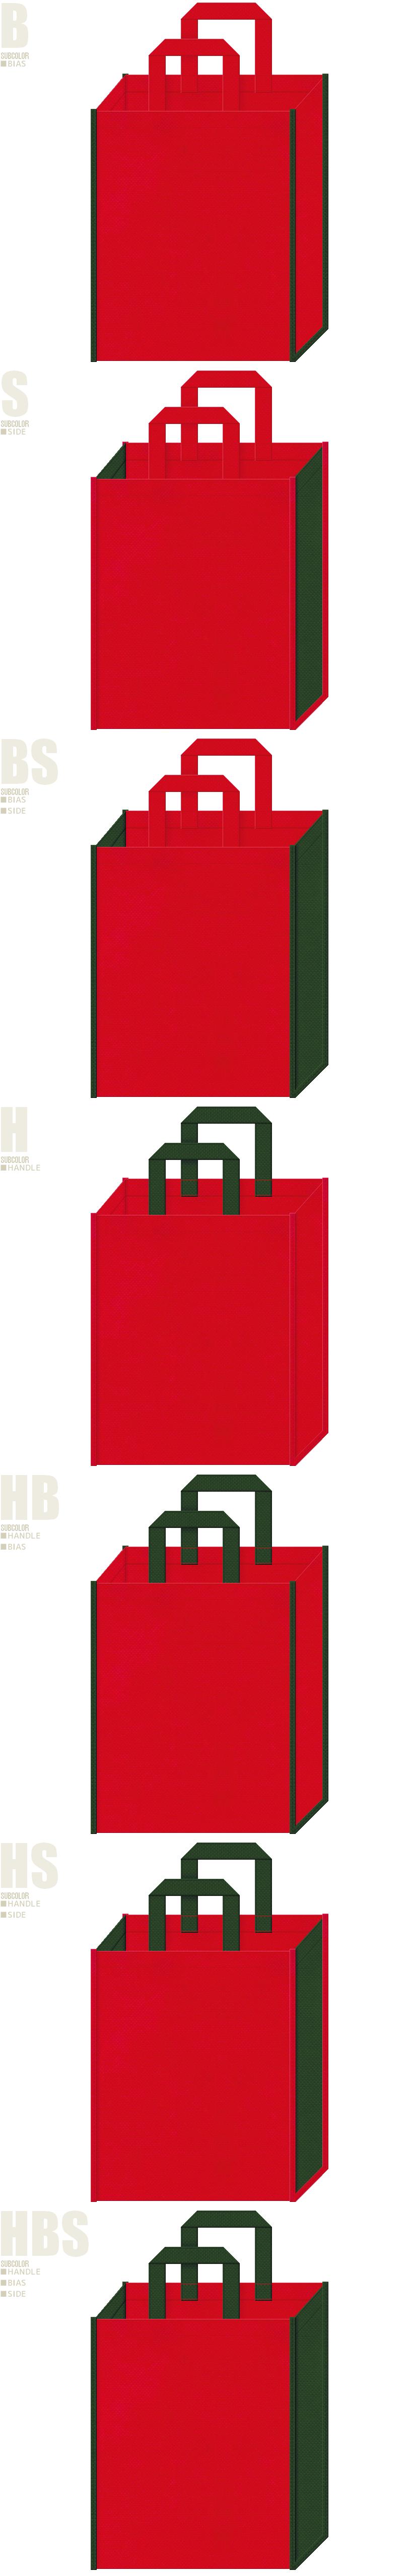 バーナー・コンロ・登山・キャンプ・アウトドアイベント・トマト・スイカ・イチゴ・クリスマスにお奨めの不織布バッグデザイン:紅色と濃緑色の配色7パターン